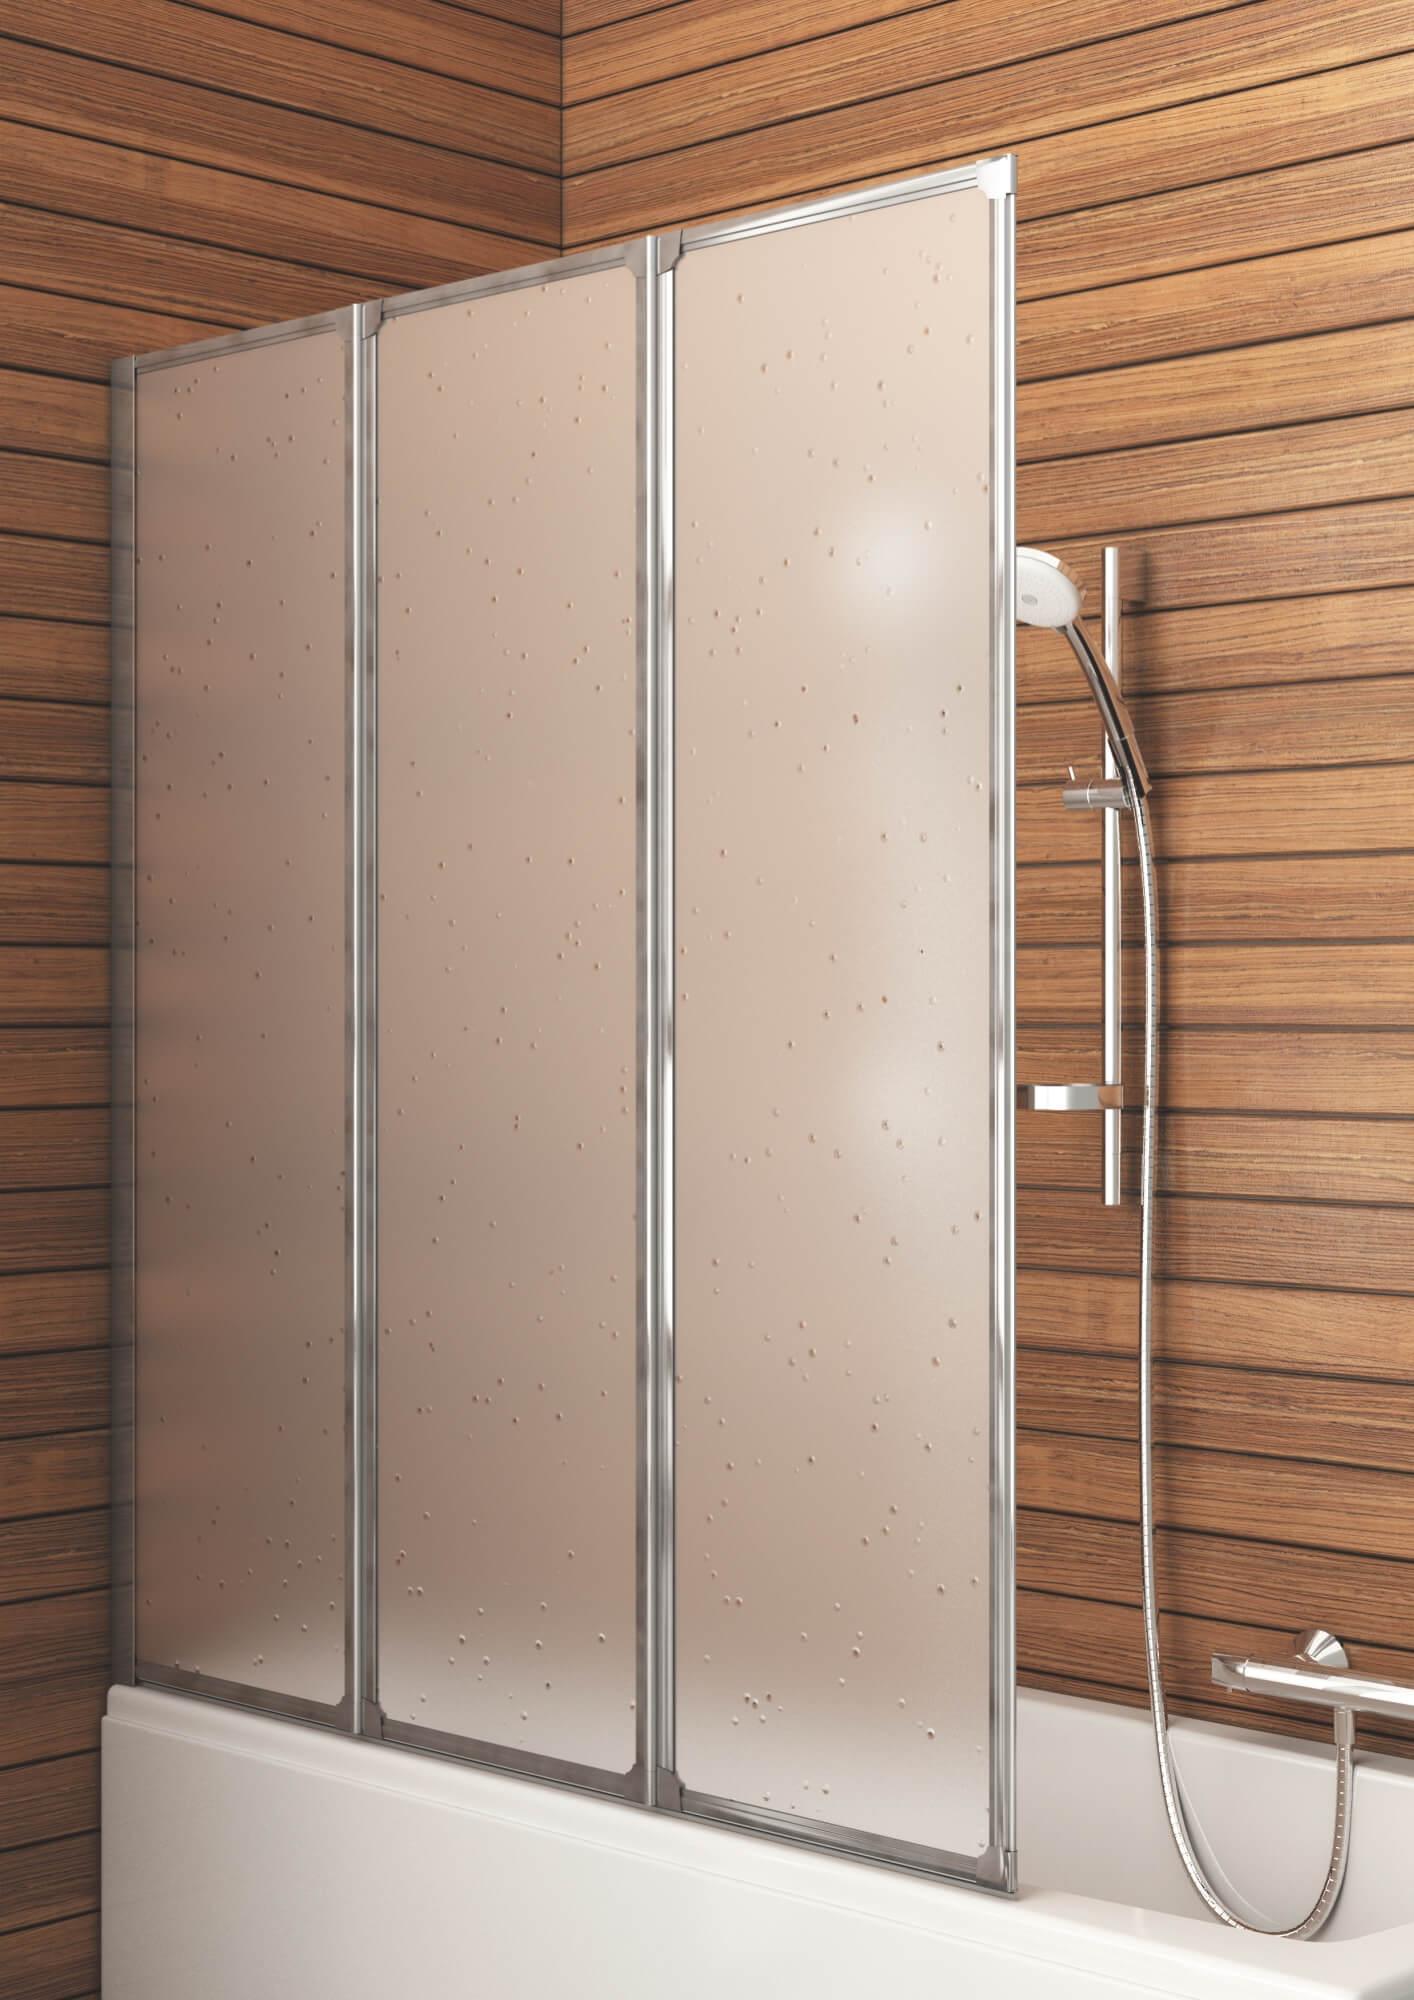 Стеклянная шторка в ванной с деревянной отделкой